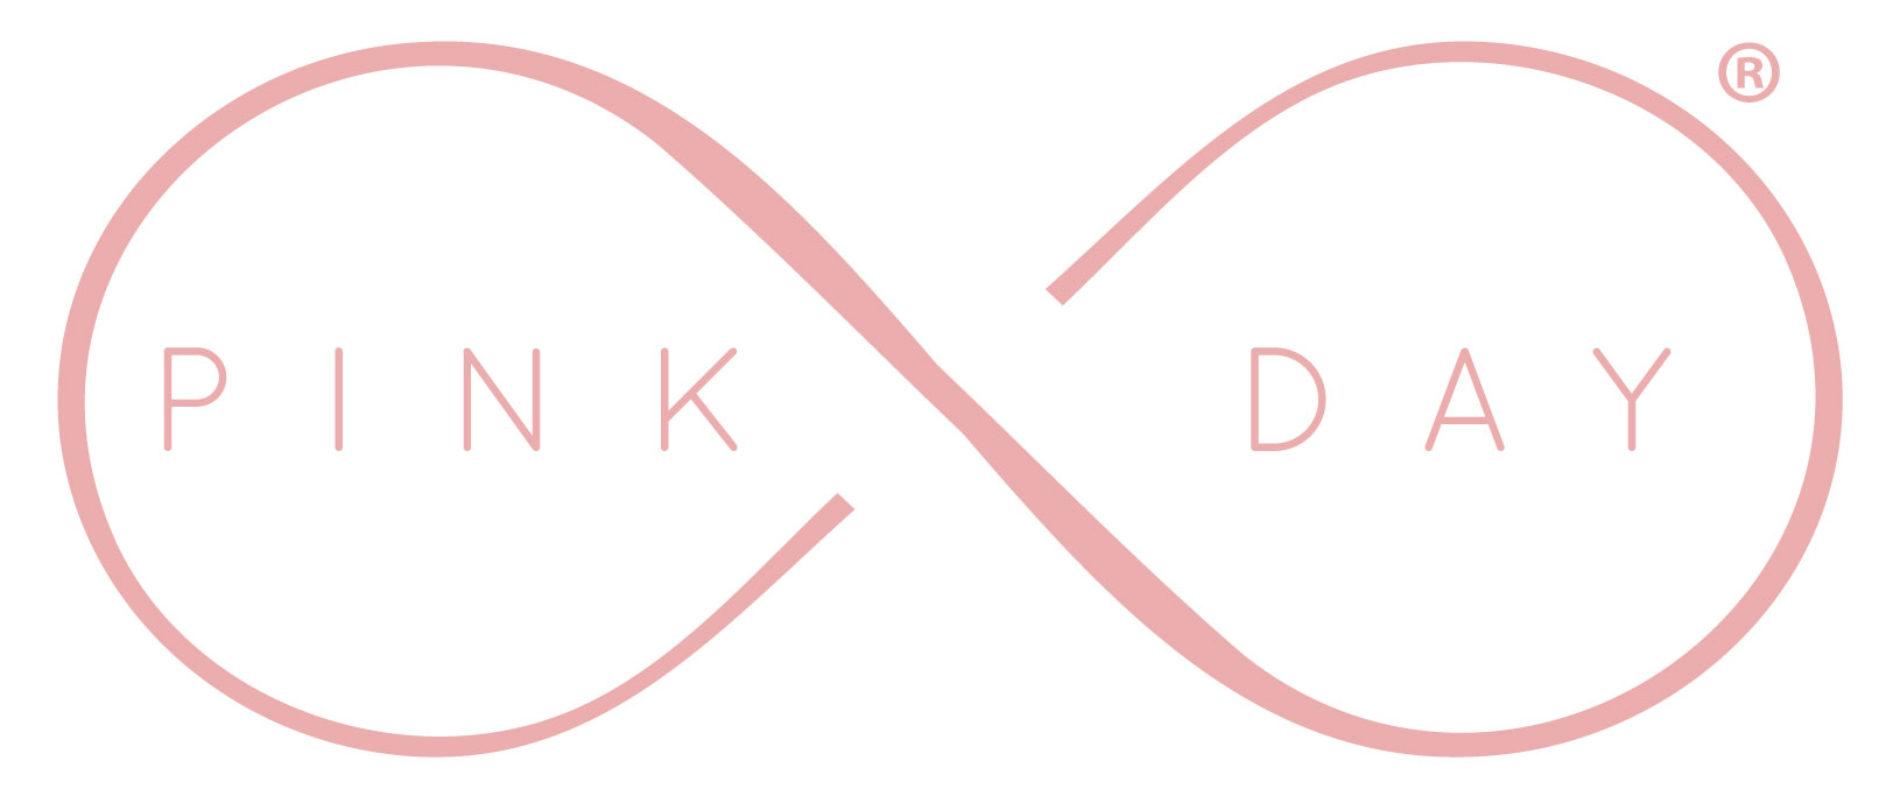 """Llega una nueva versión del Pink Day, porque """"Apoyar es Infinito"""""""